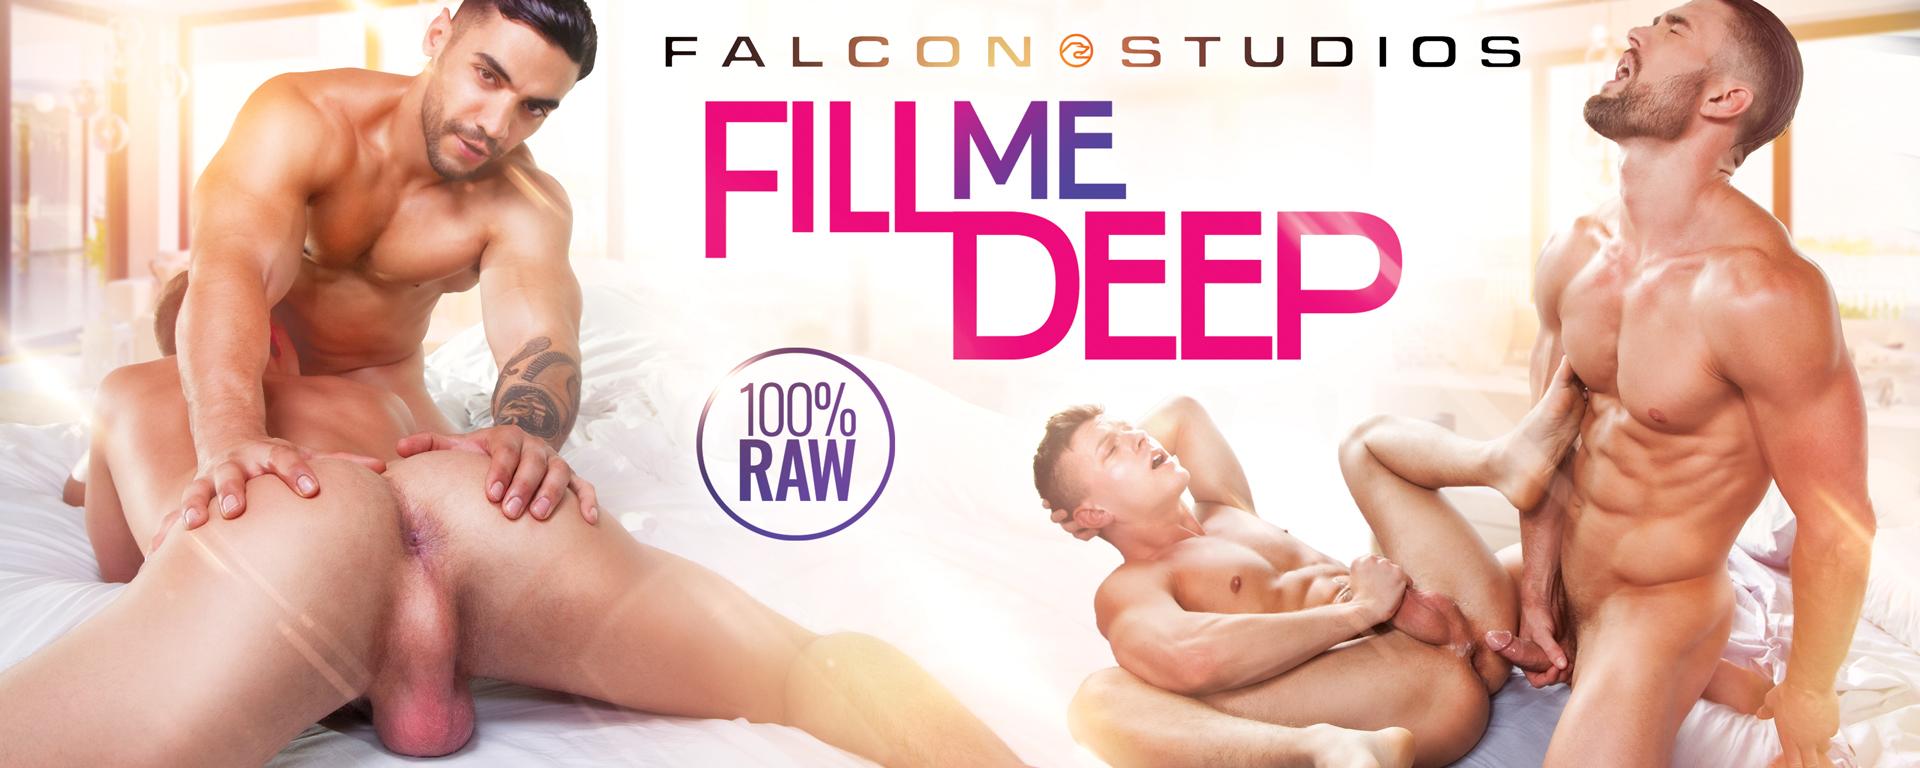 Falcon Studios Fill Me Deep